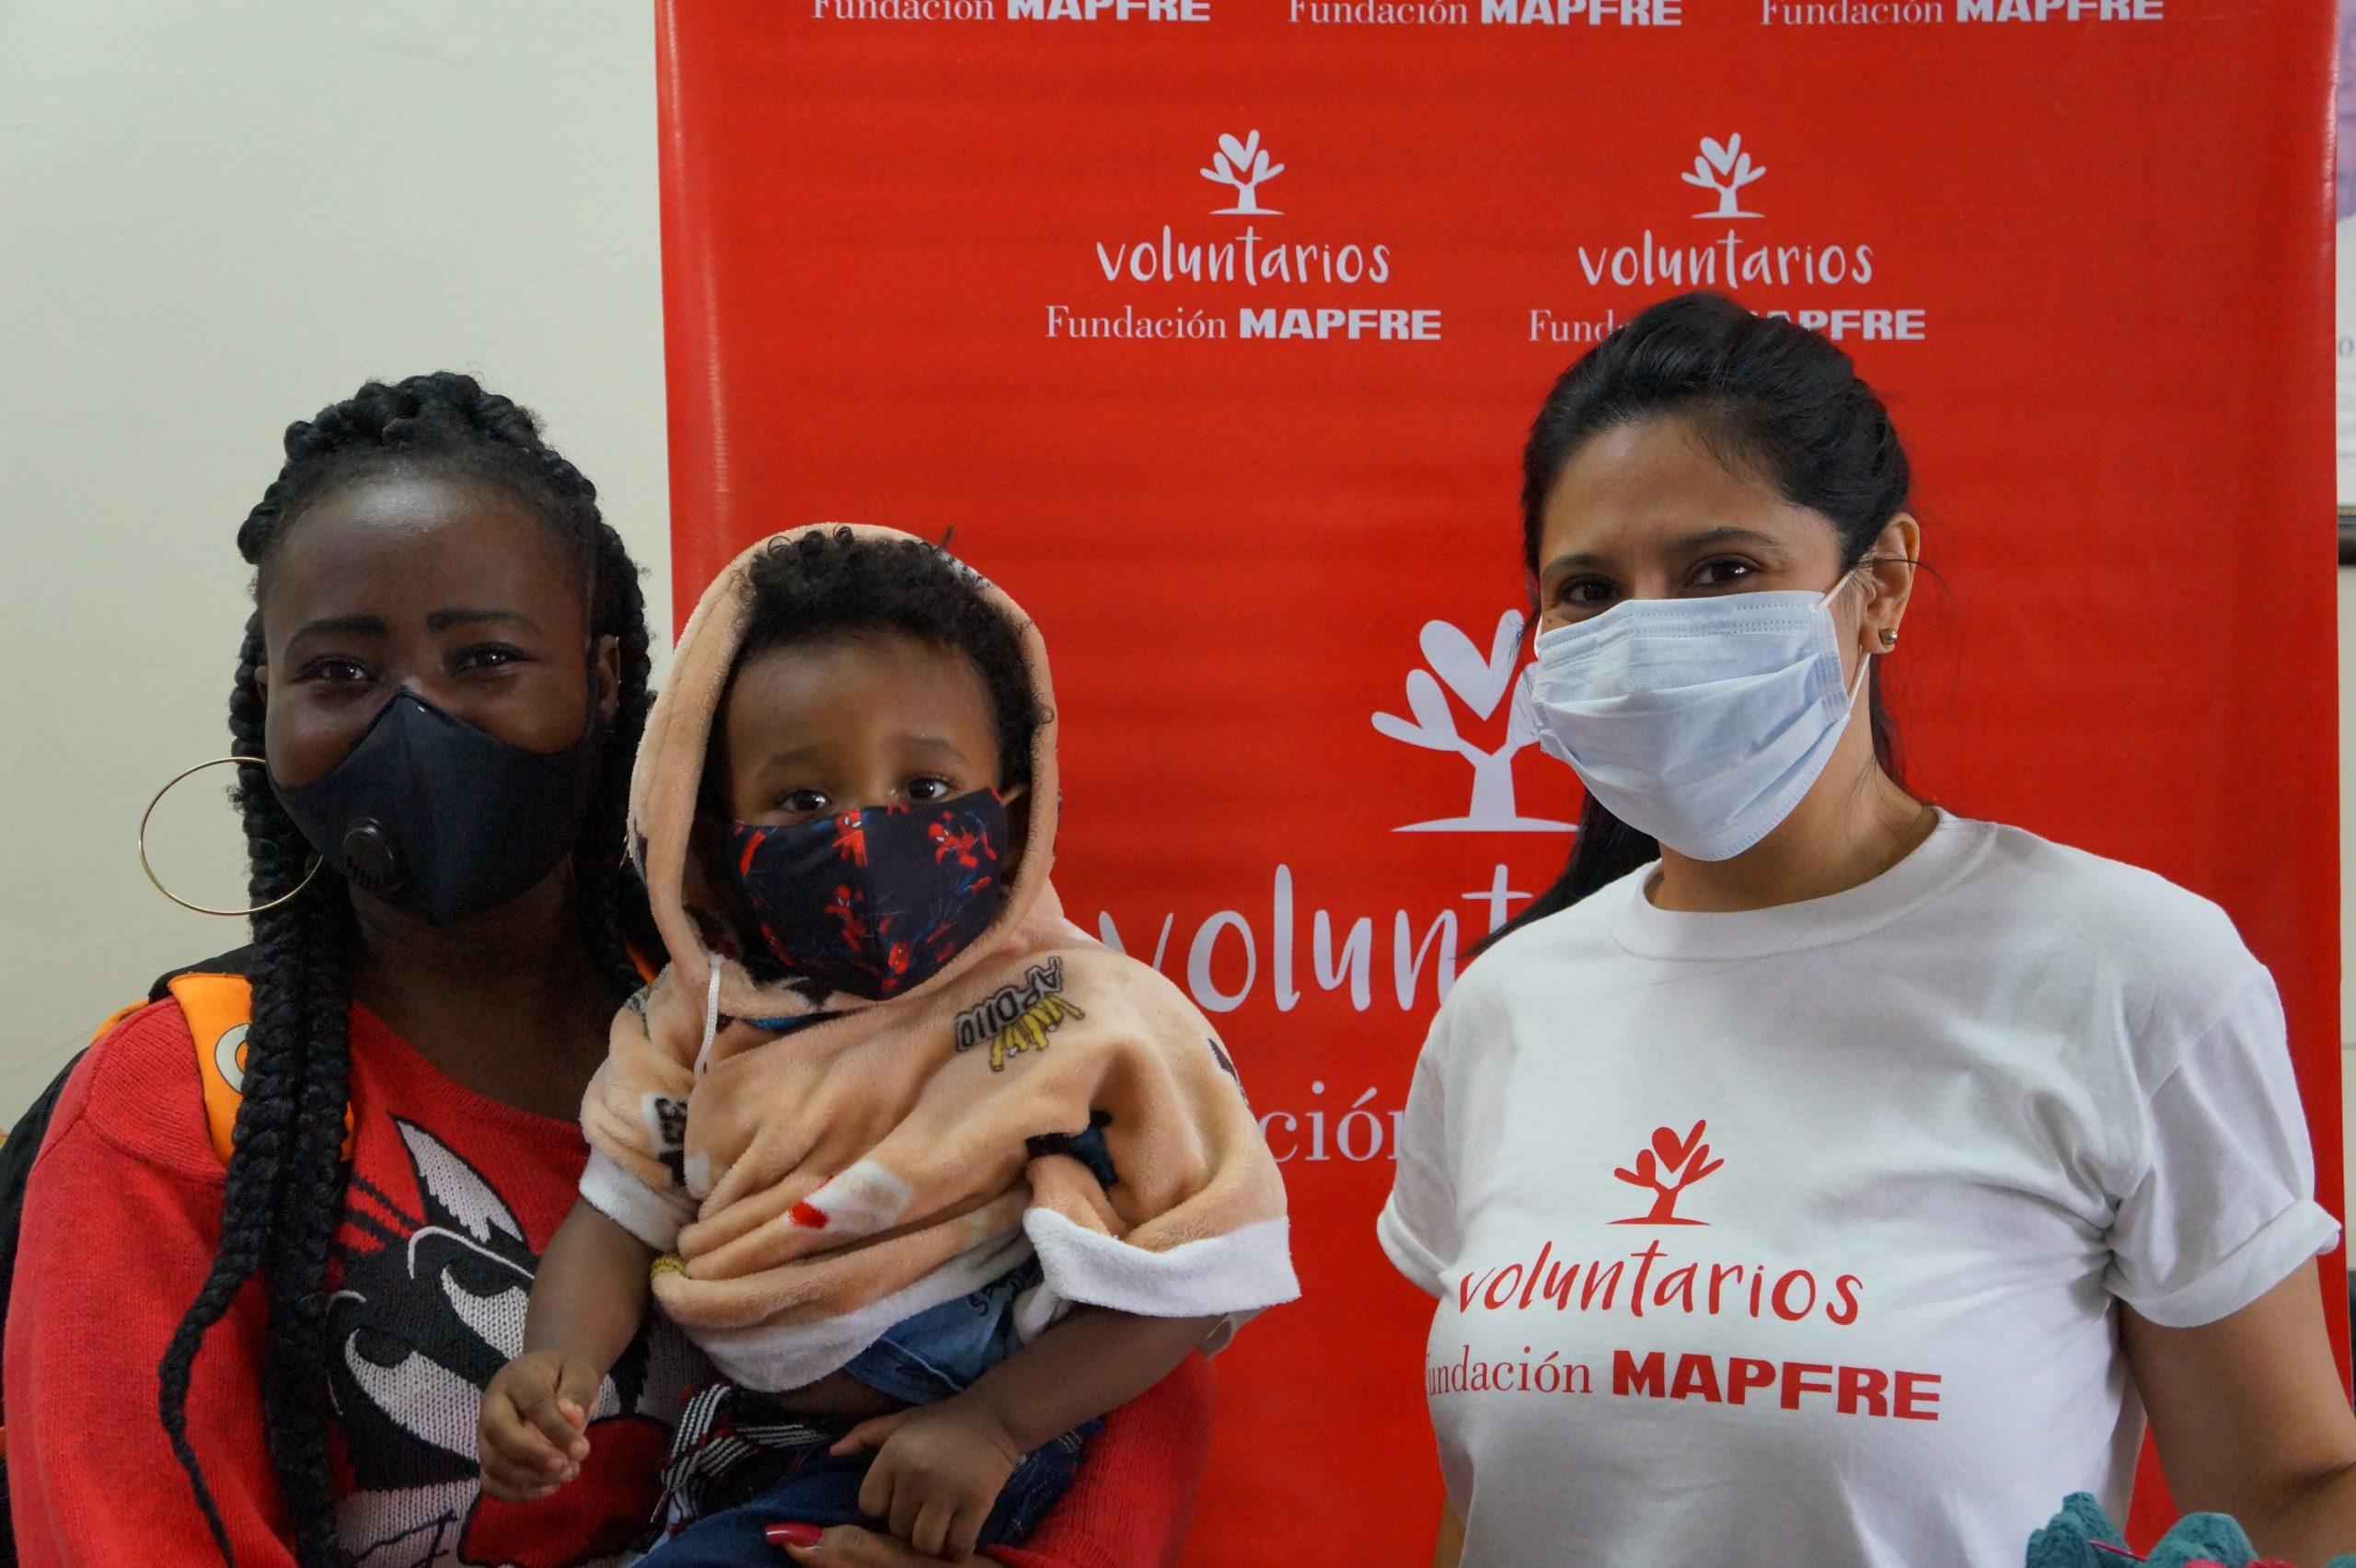 Entrega Donaciones Mapfre FUndación pro vida digna Mujeres lactantes (30)